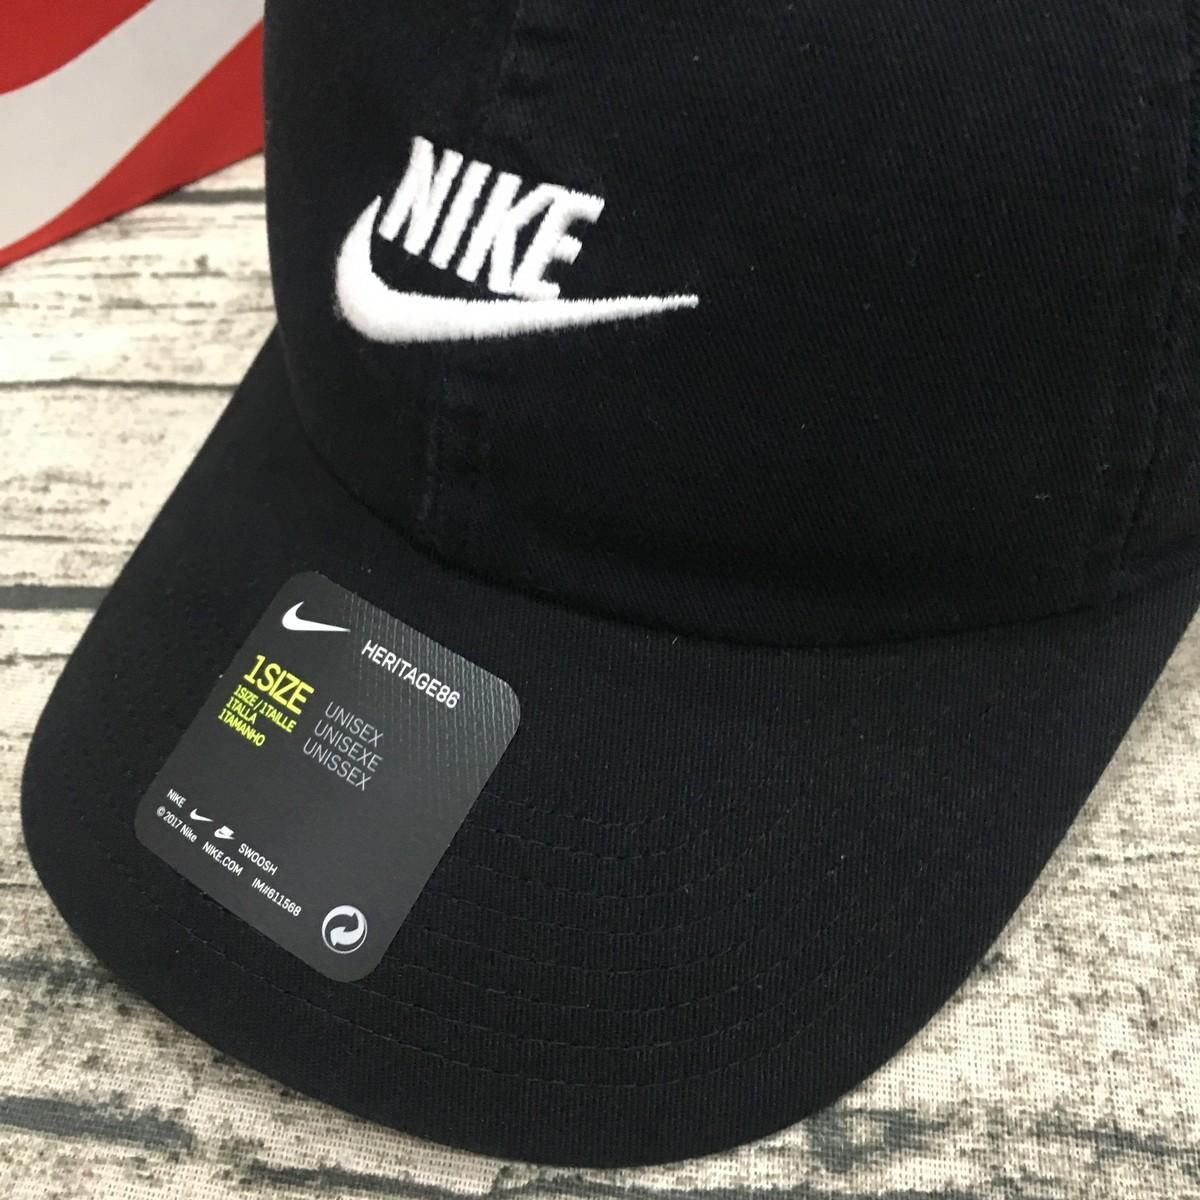 Mũ Nike Nam 913011-010